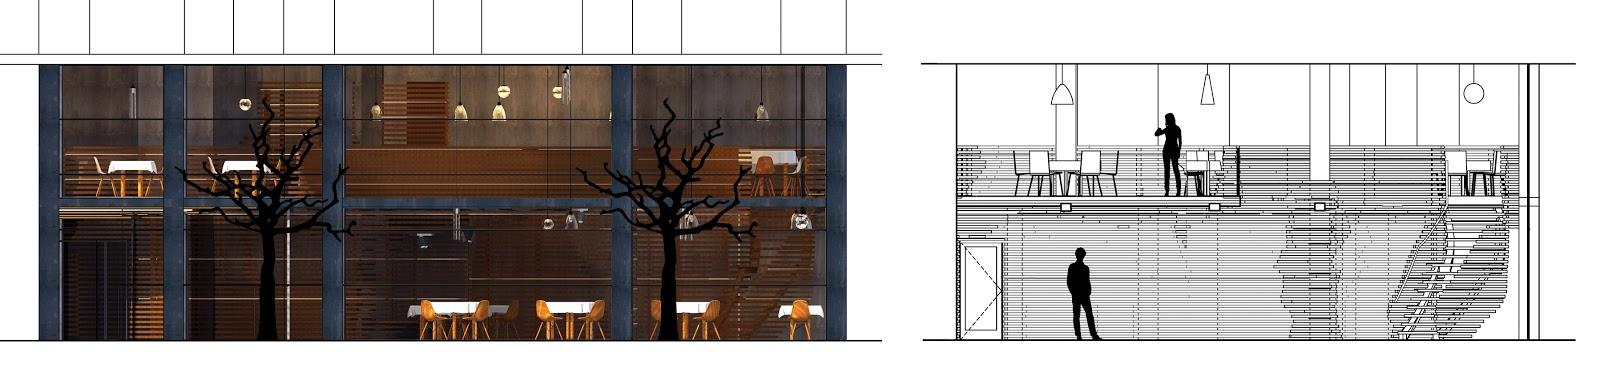 projekt architektury wnętrz